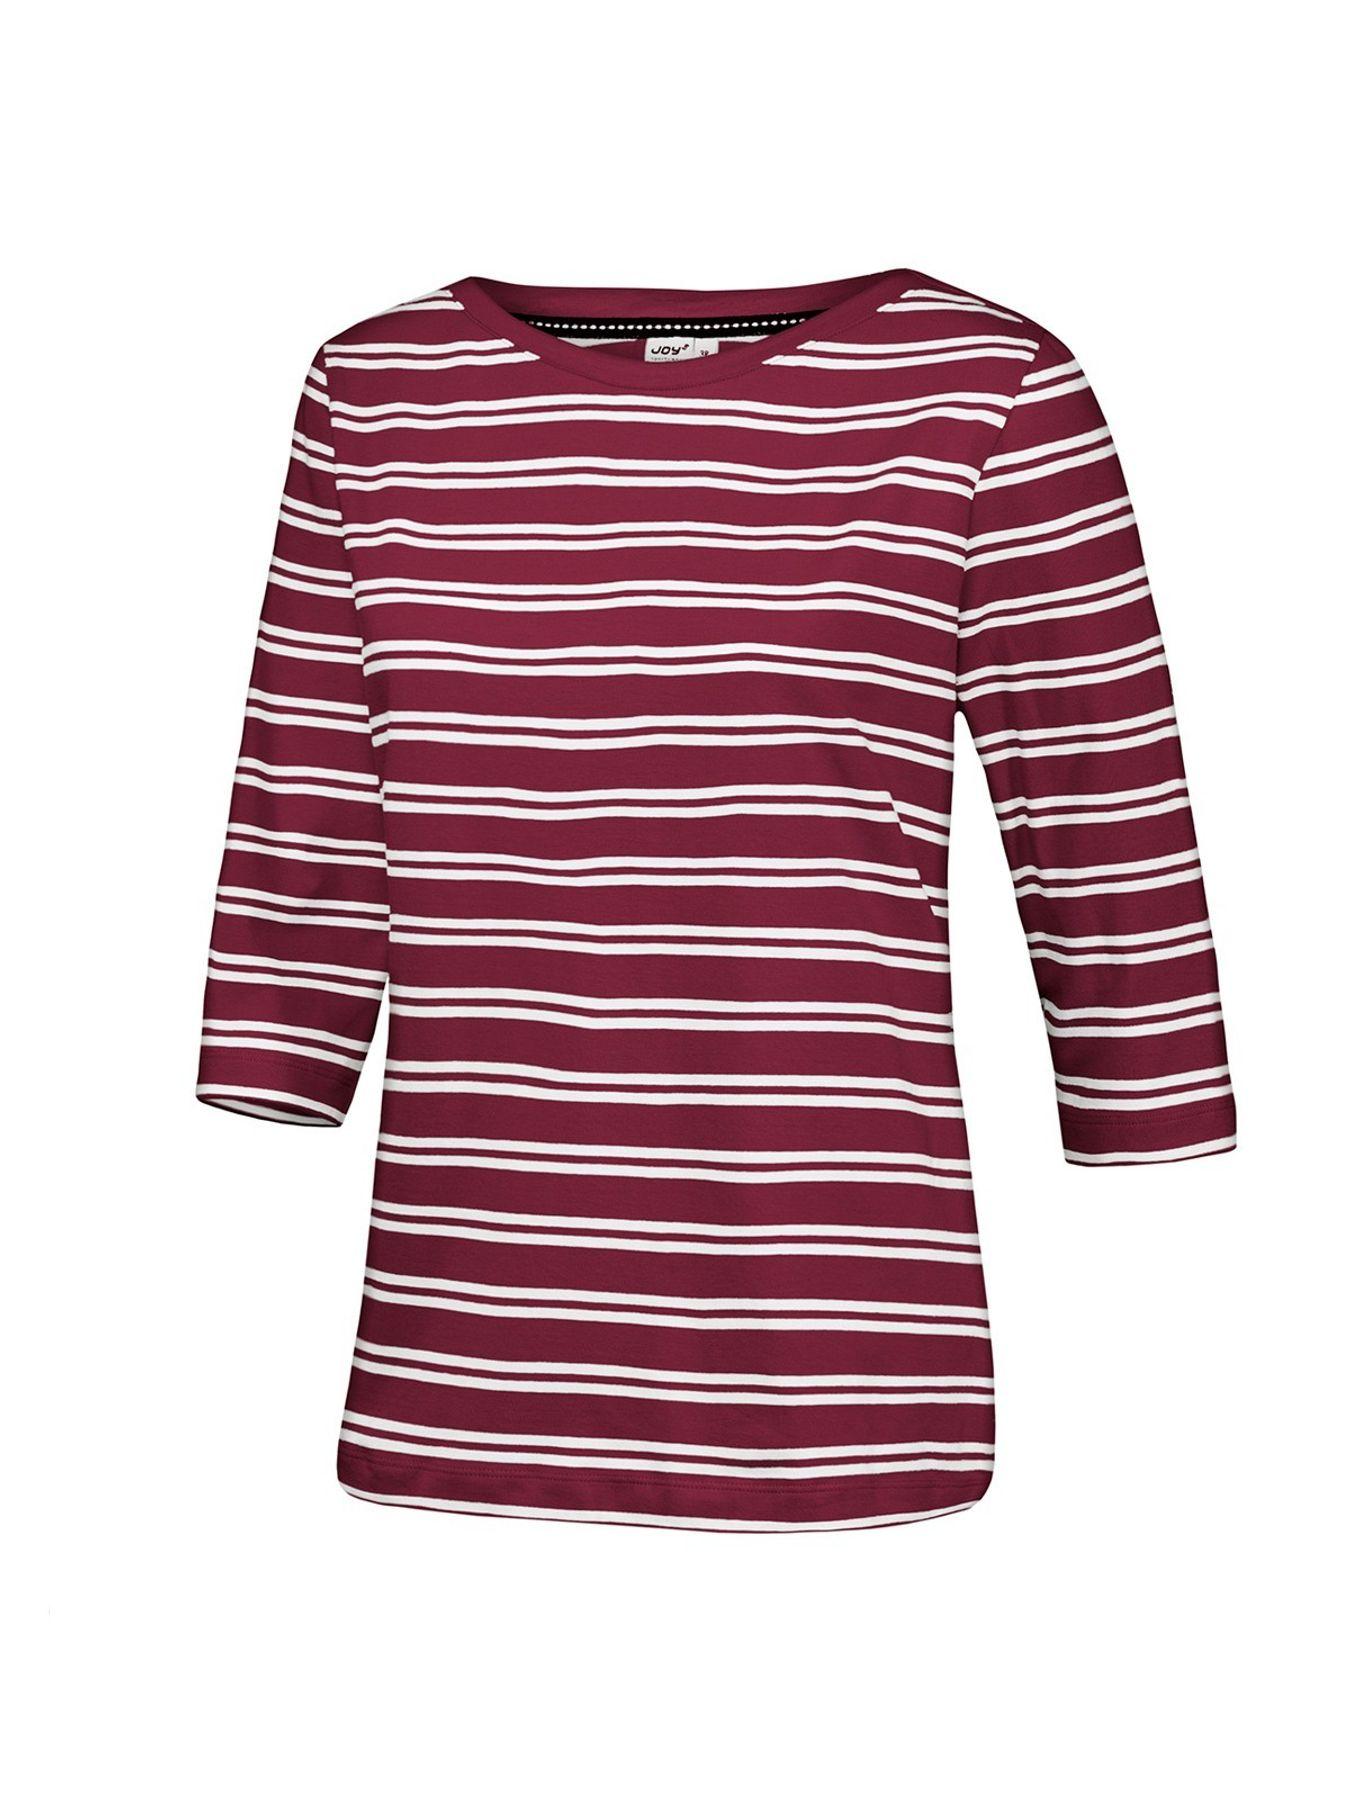 Joy - Damen Sport und Freizeit Shirt mit Streifenmuster, Carolin (30209) – Bild 13